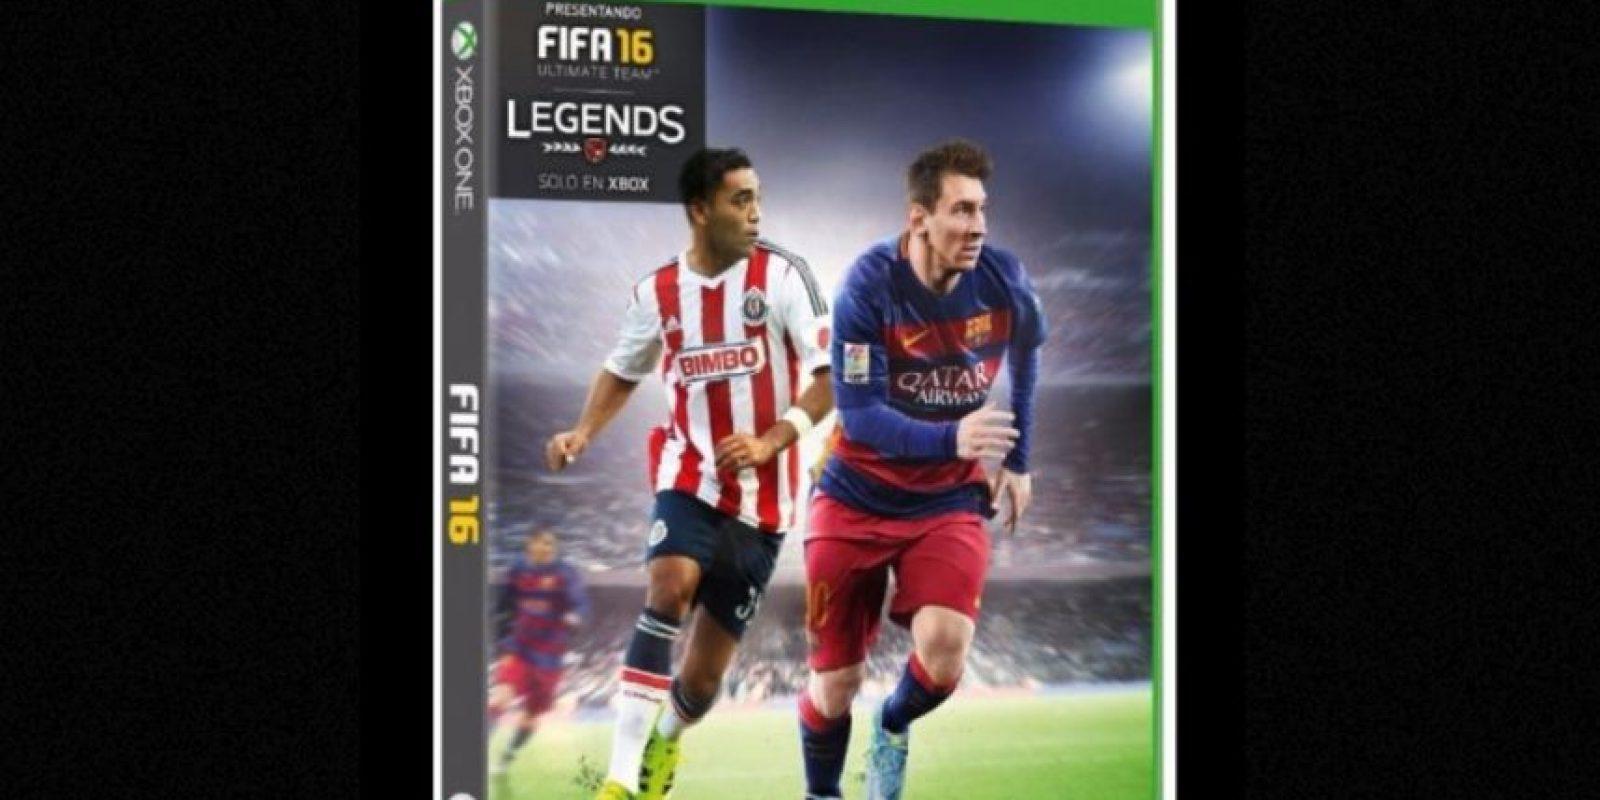 Este es el diseño de la portada dedicada a México. Foto:EA Sports